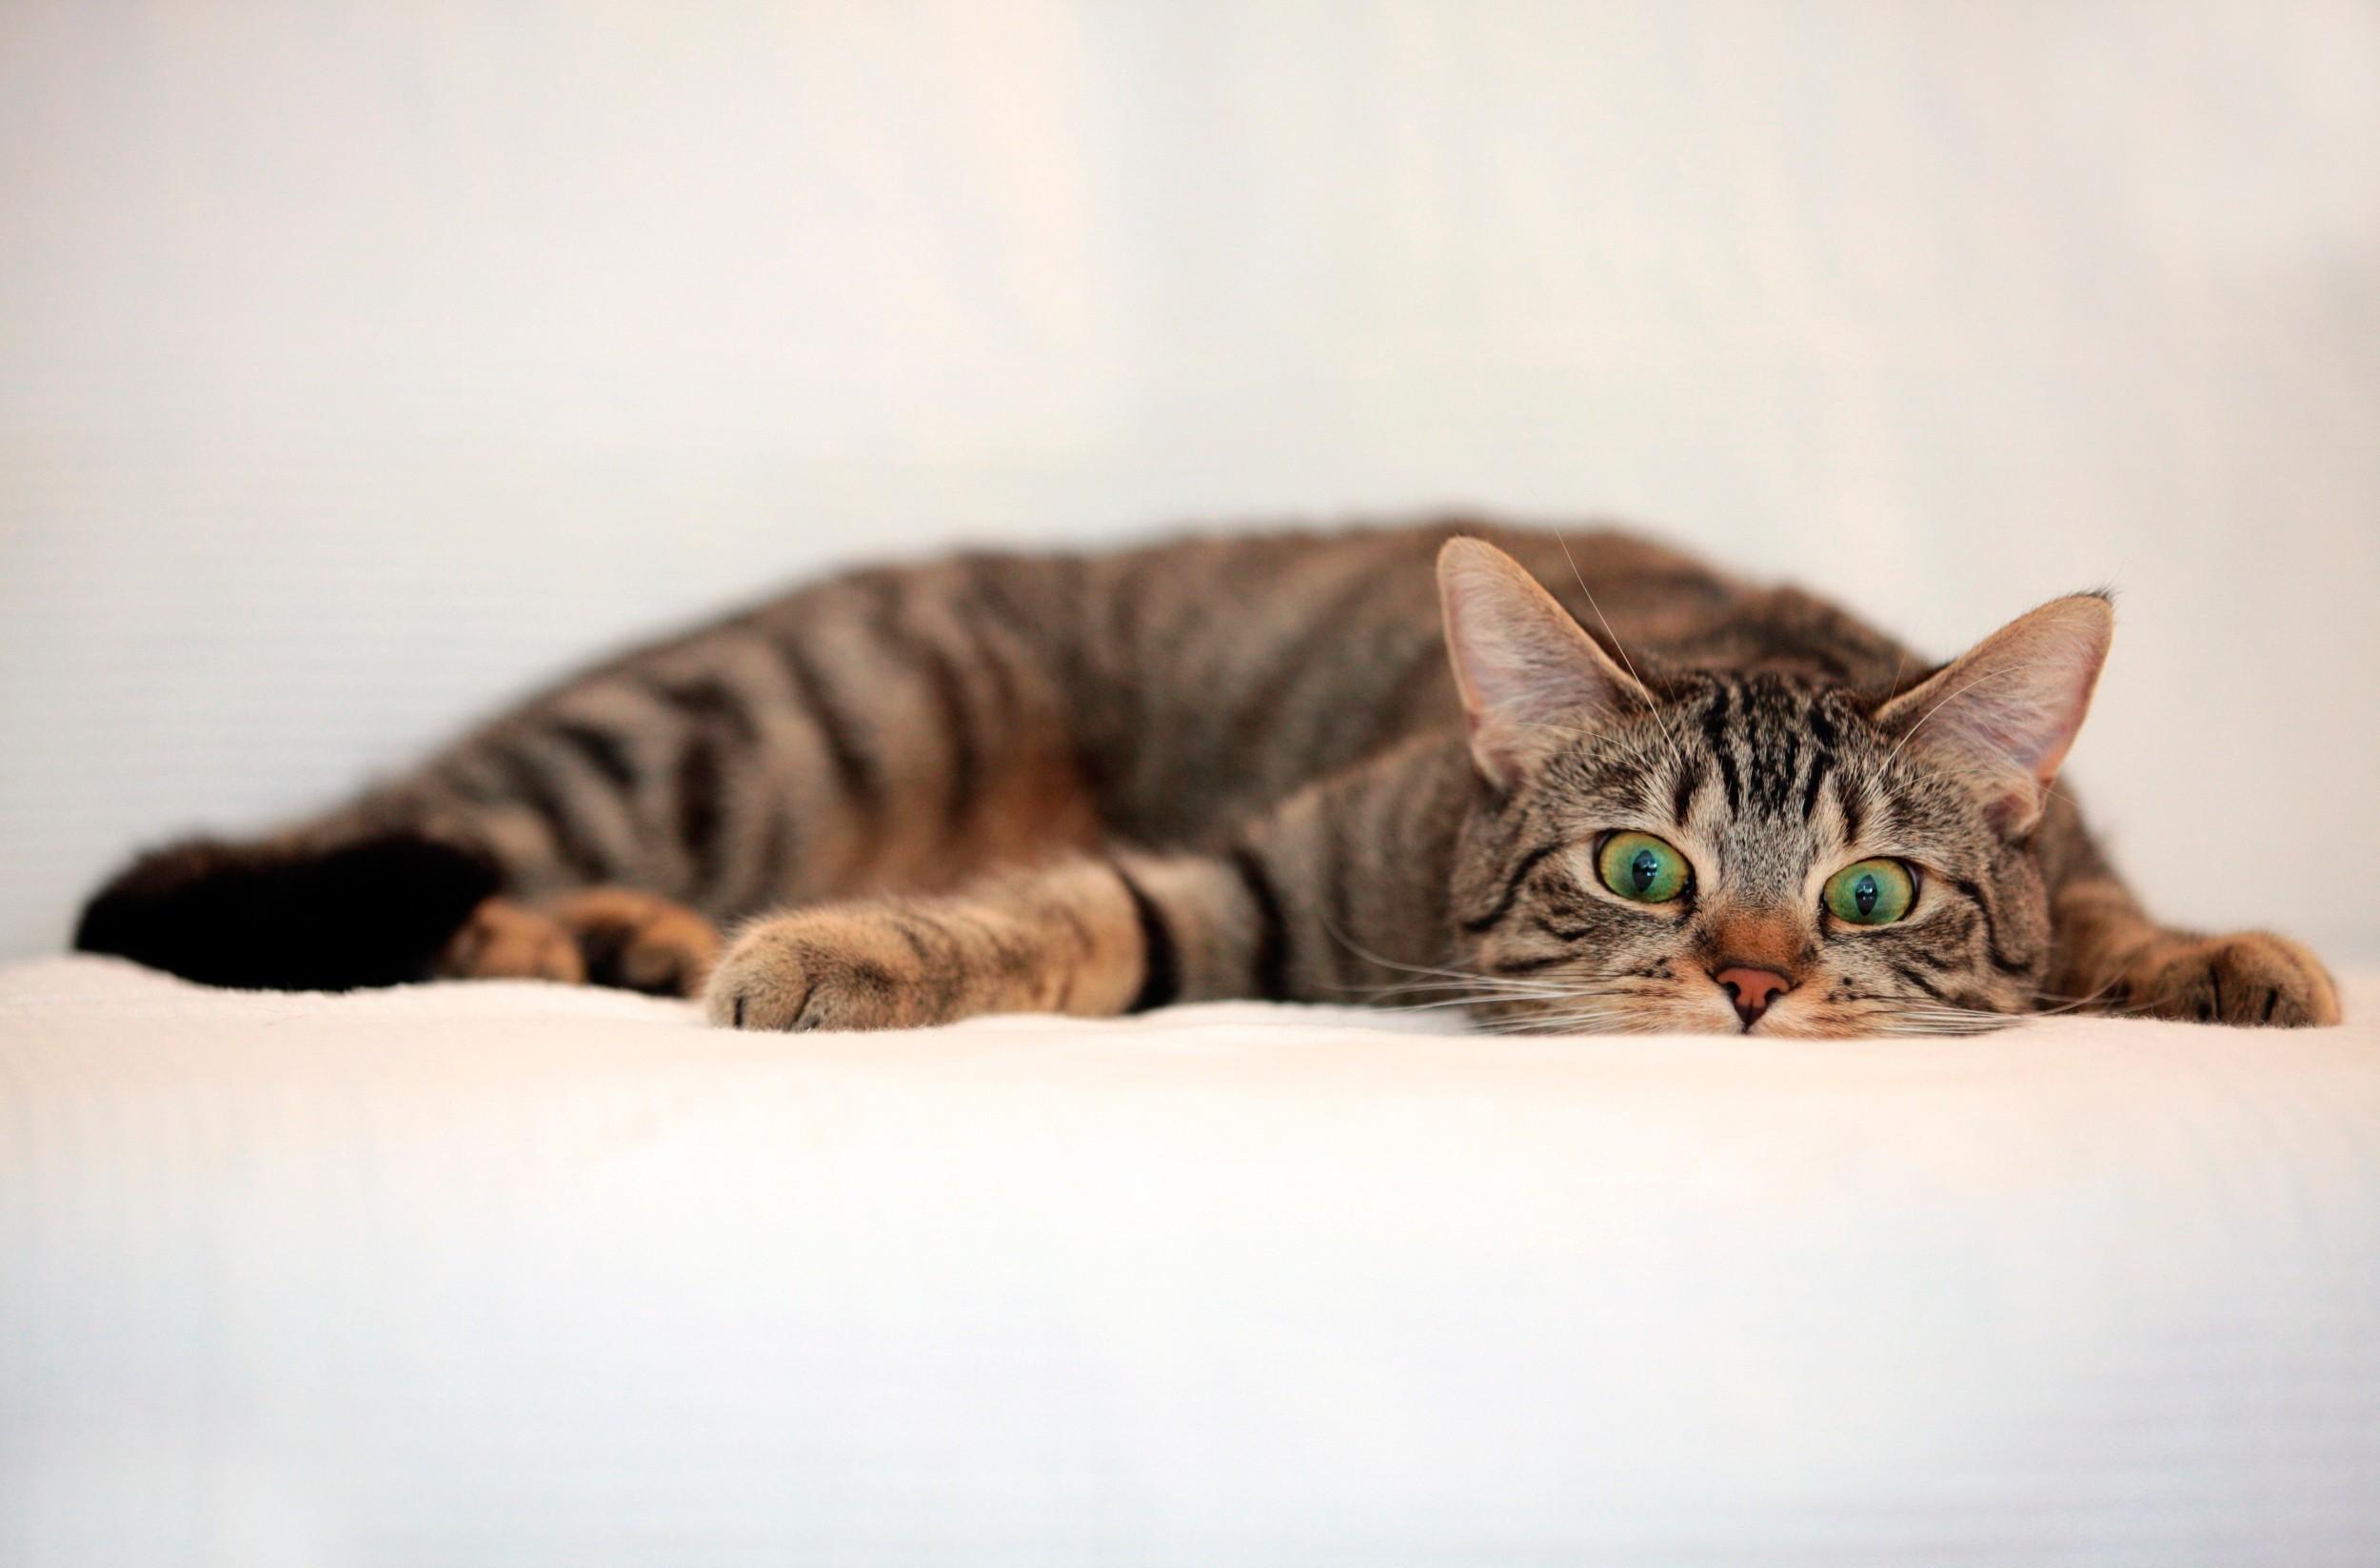 Cat Funny Pet 2500x1647